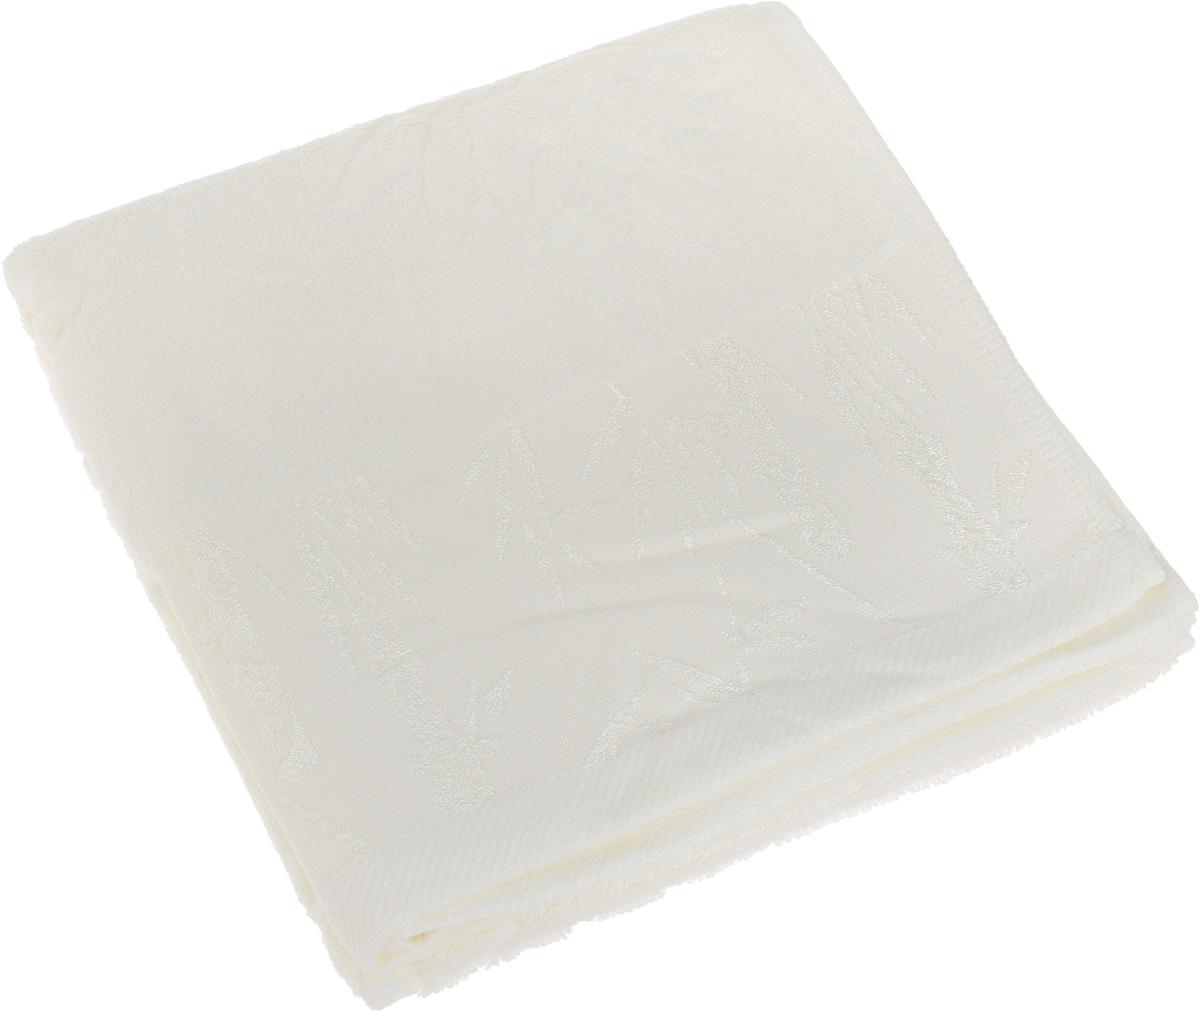 Полотенце Soavita Nancy, цвет: белый, 50 х 90 смWUB 5647 weisПолотенце Soavita Nancy выполнено из 100% бамбукового волокна. Изделие отлично впитывает влагу, быстро сохнет, сохраняет яркость цвета и не теряет форму даже после многократных стирок. Полотенце очень практично и неприхотливо в уходе. Оно создаст прекрасное настроение и украсит интерьер в ванной комнате.